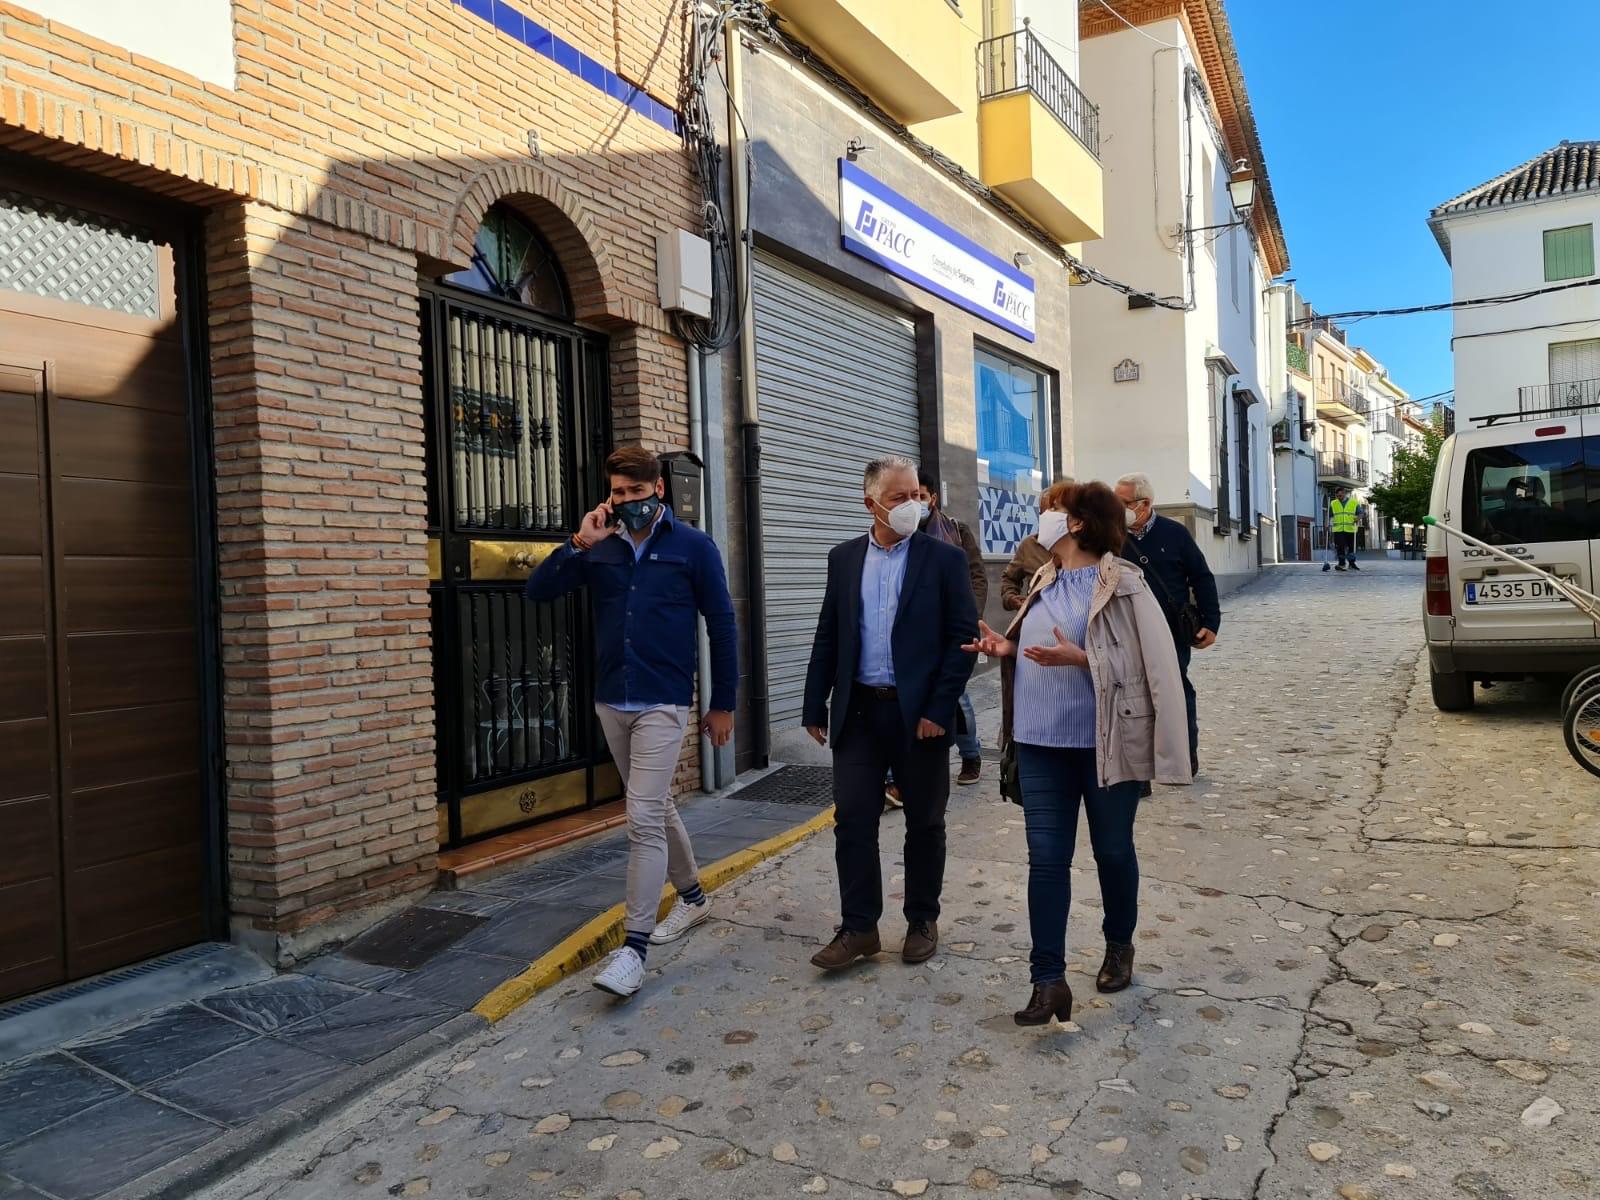 Diputación invierte 250.000 euros en la mejora de calles y espacios públicos de Huétor Santillán